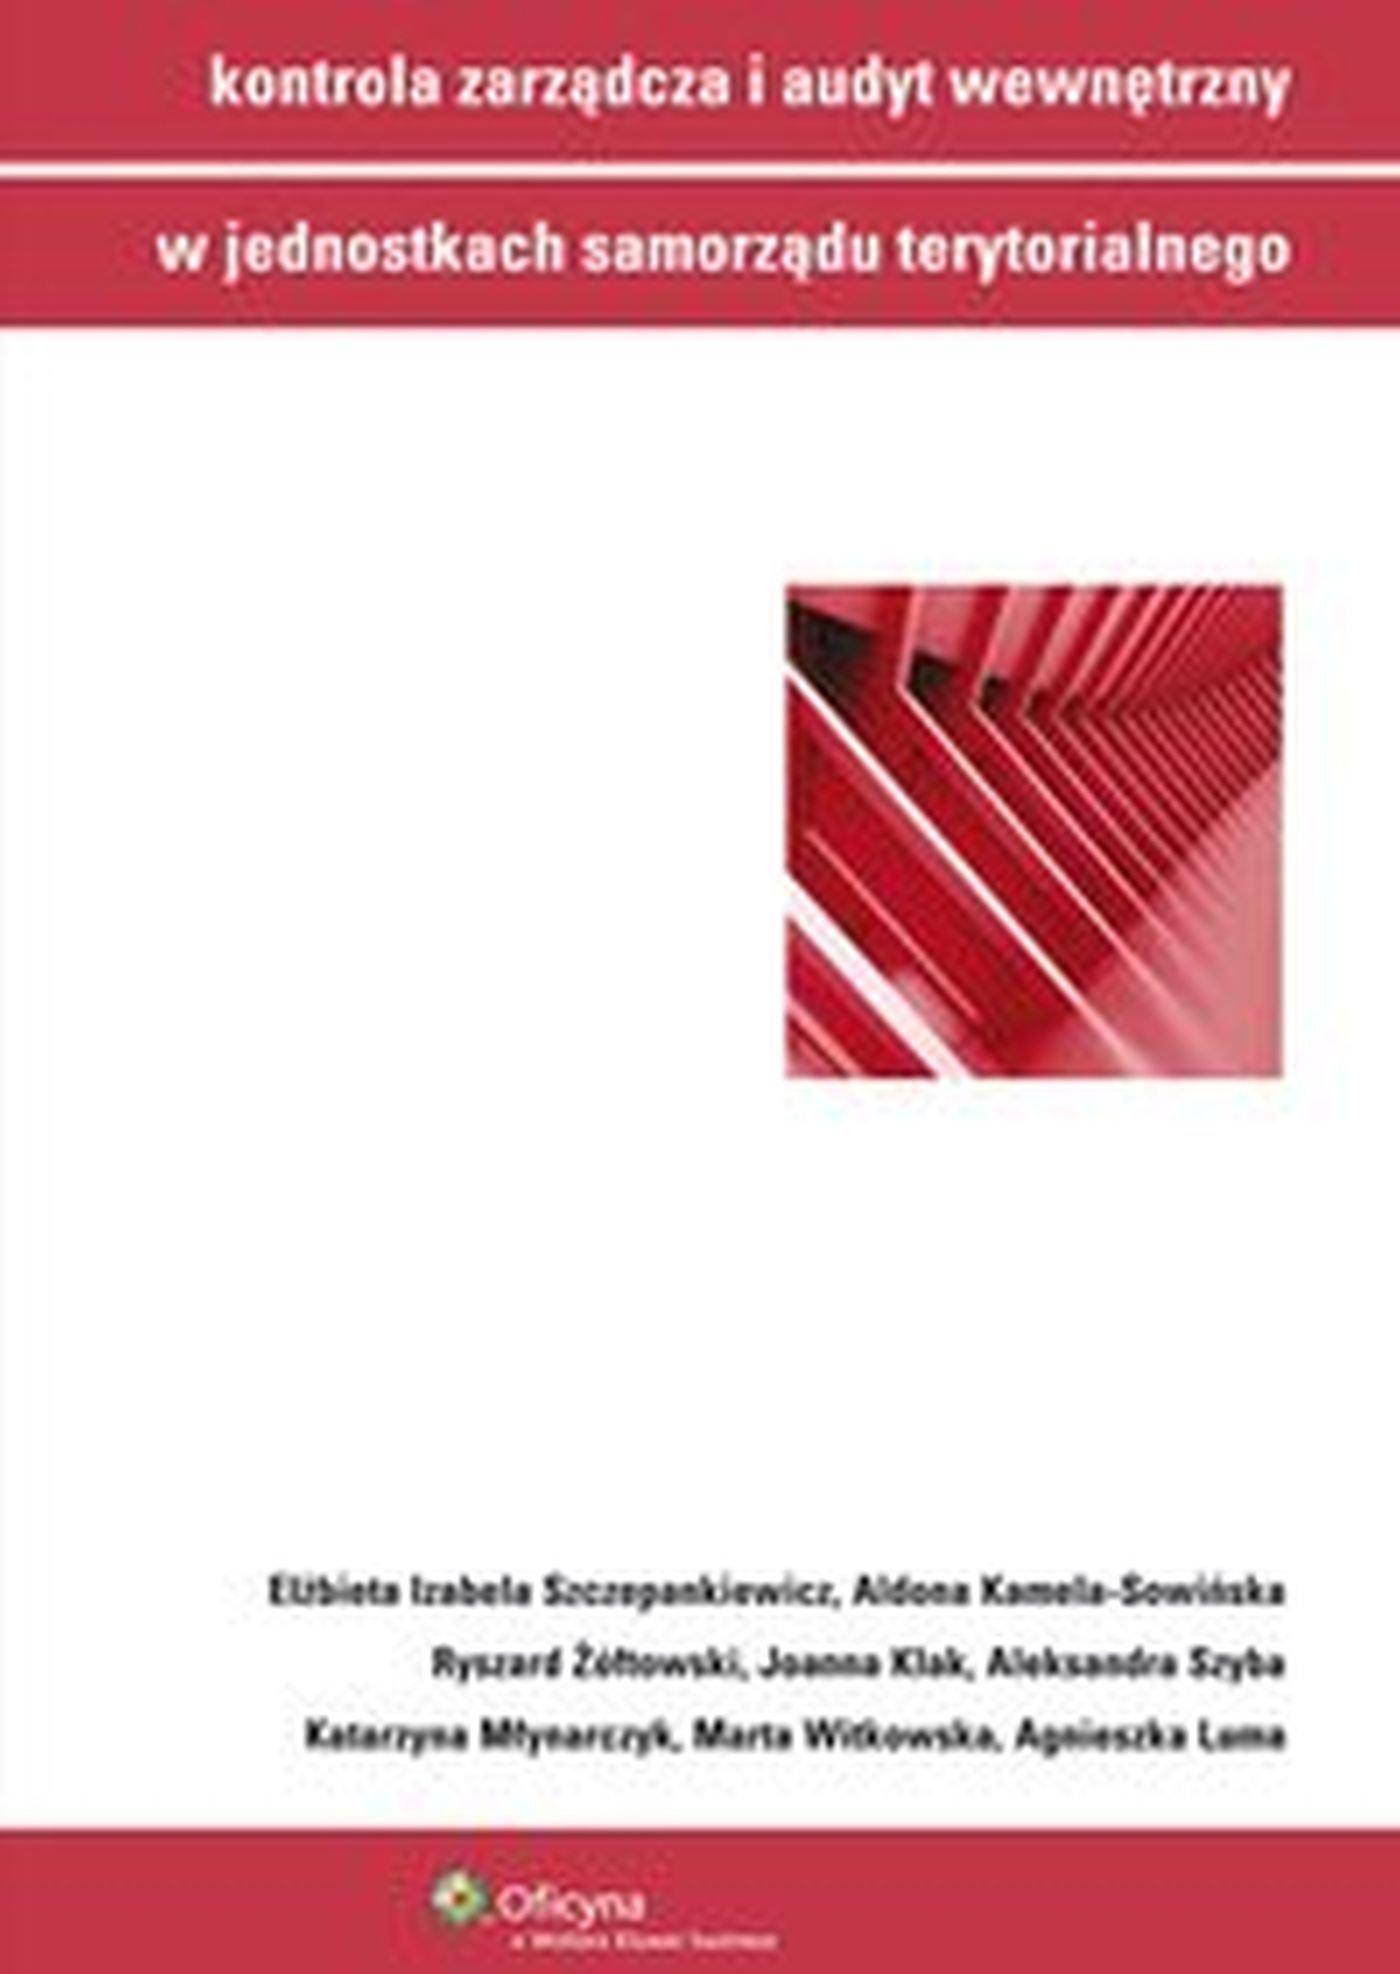 Kontrola zarządcza i audyt wewnętrzny w jednostkach samorządu terytorialnego - Ebook (Książka EPUB) do pobrania w formacie EPUB